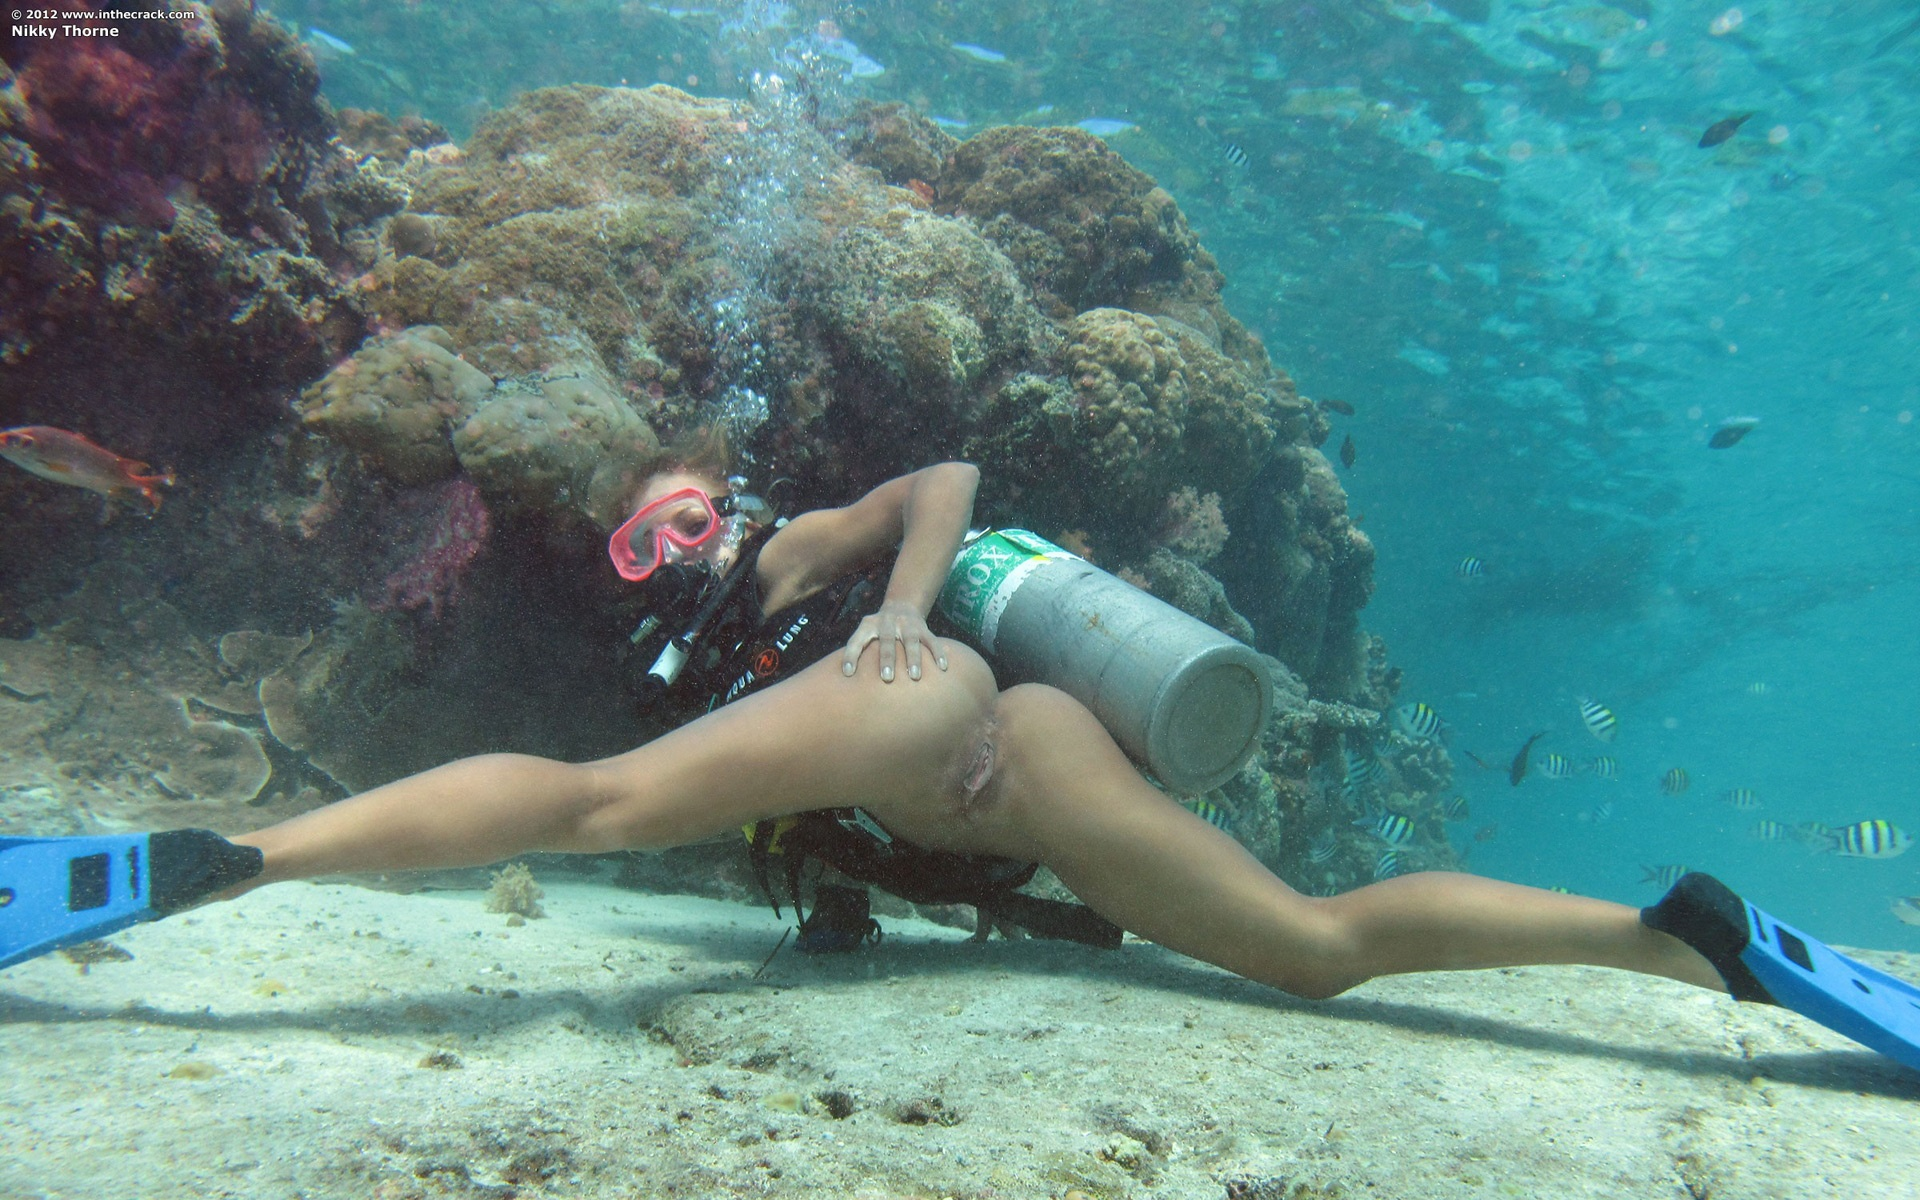 Фото под водой интим 4 фотография